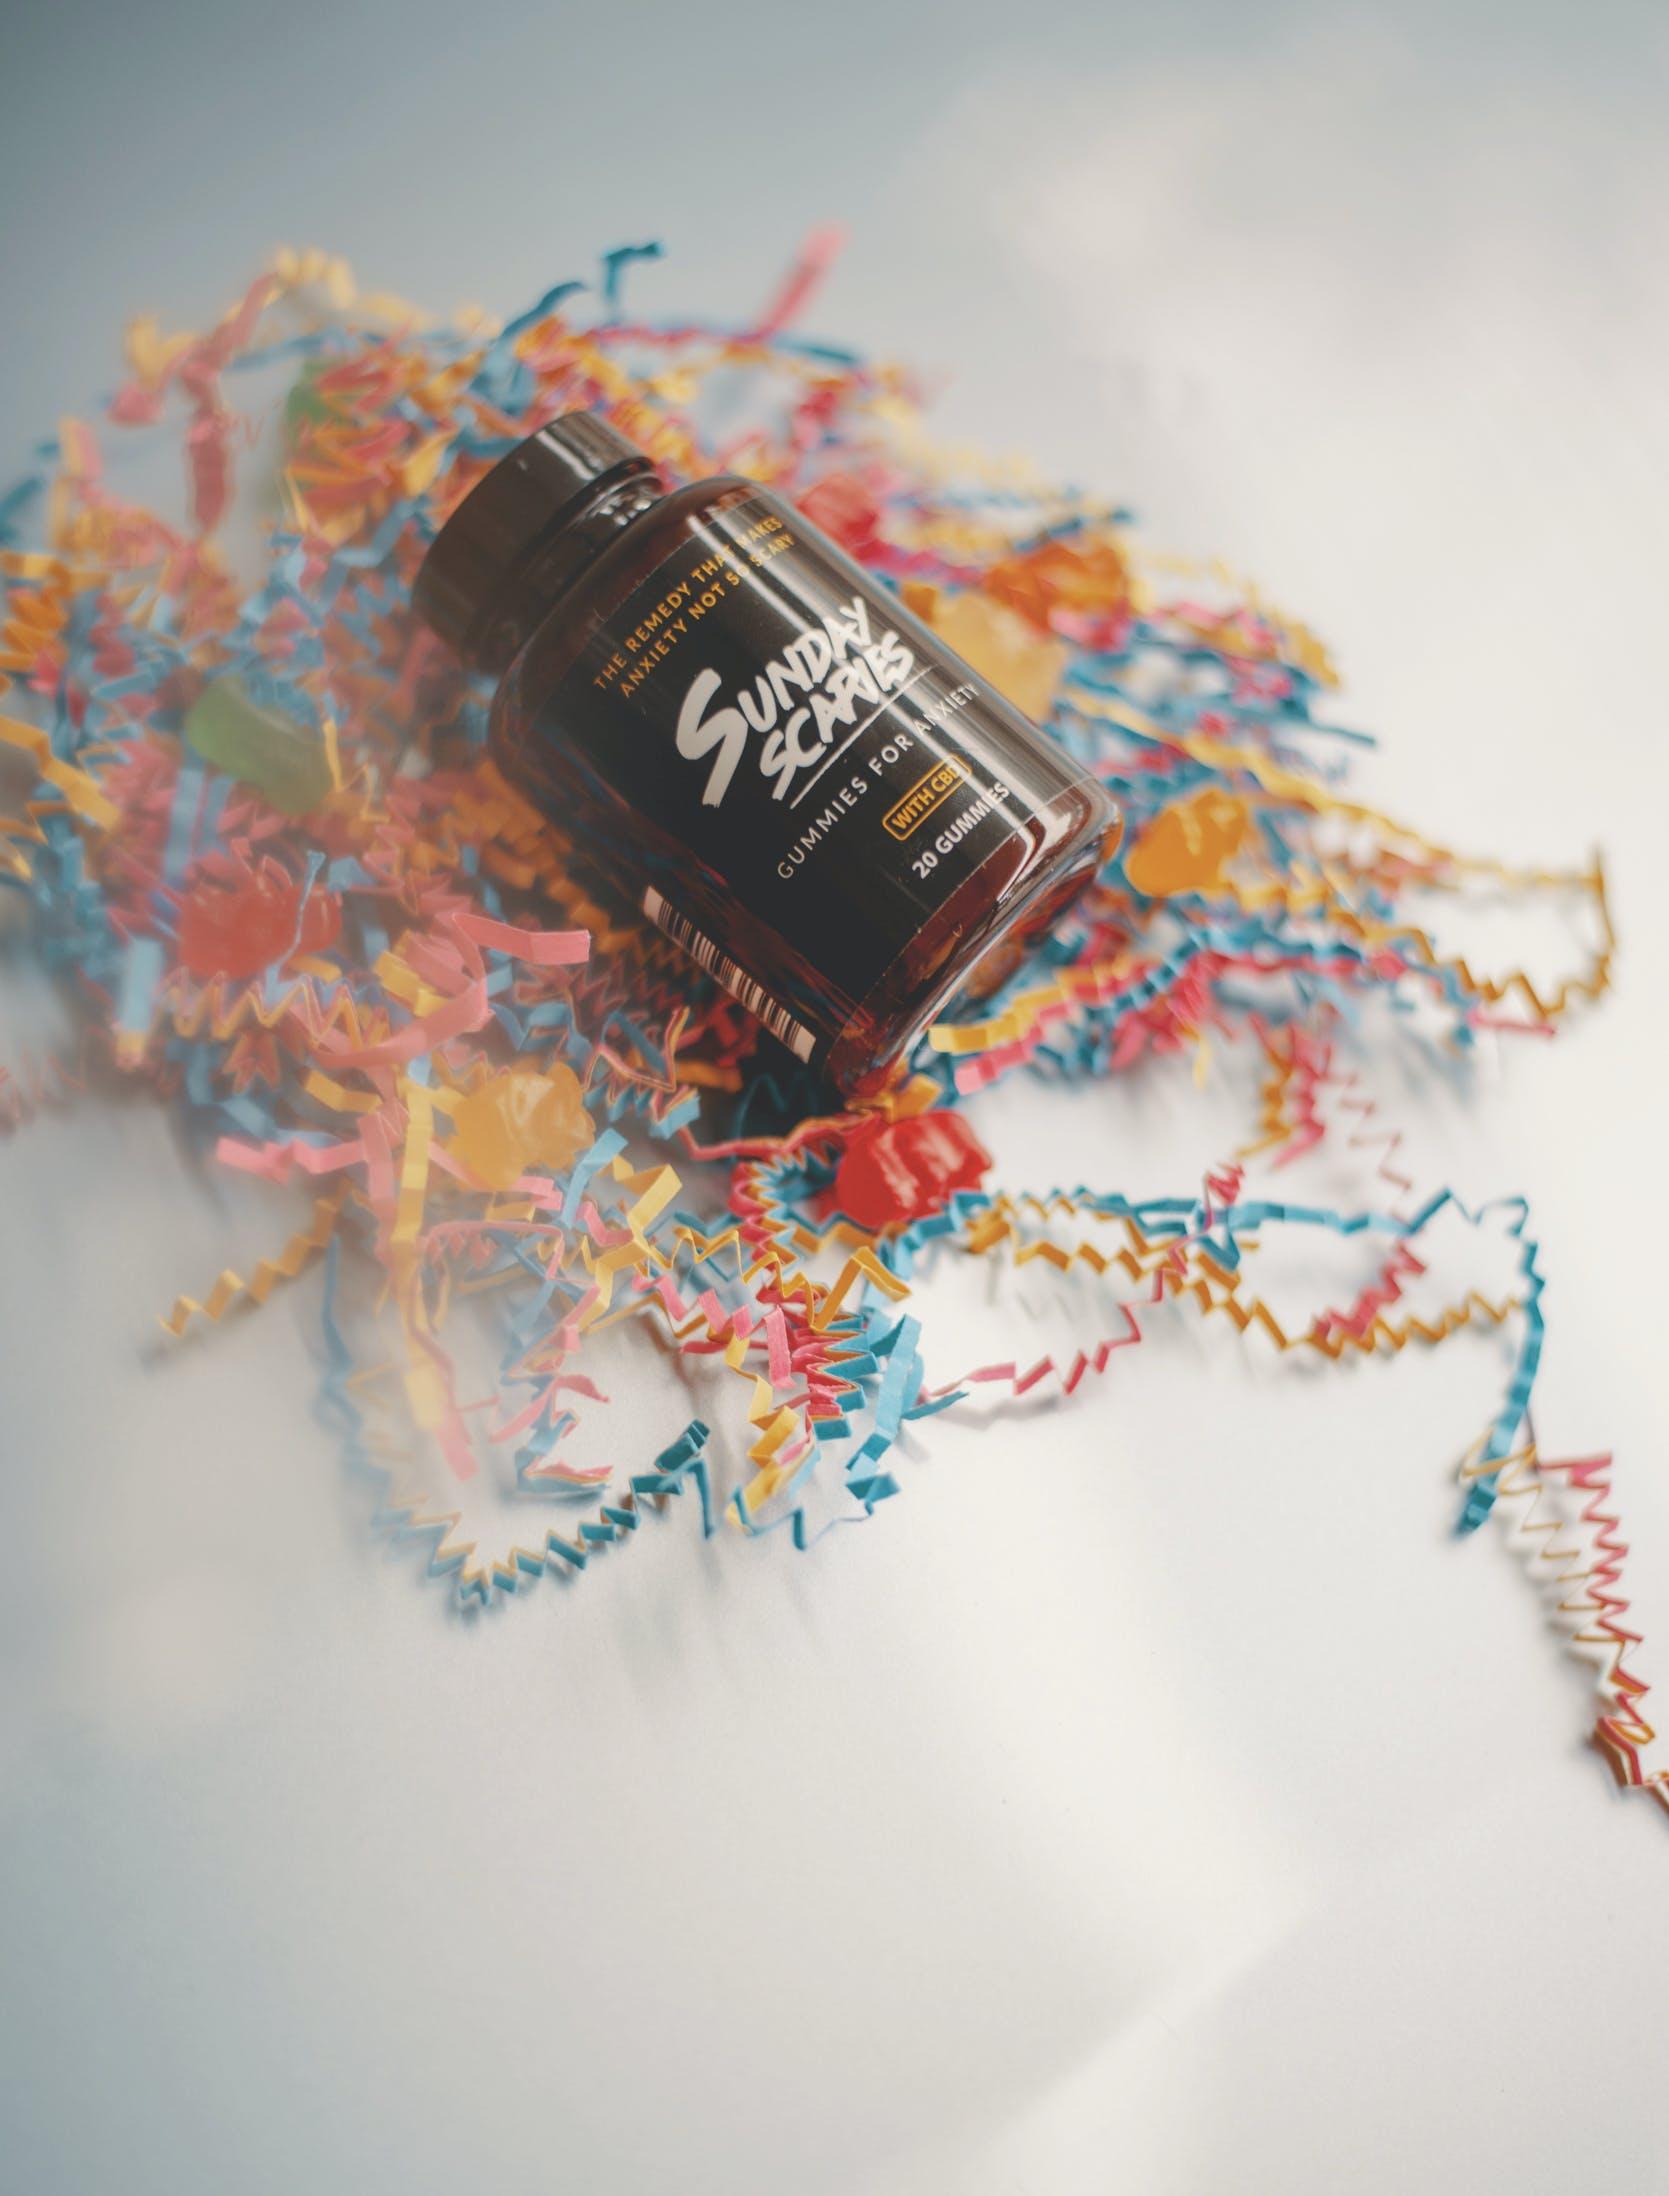 Best CBD Gummies 2 Love Edibles but not THC? Here are the Best CBD Gummies